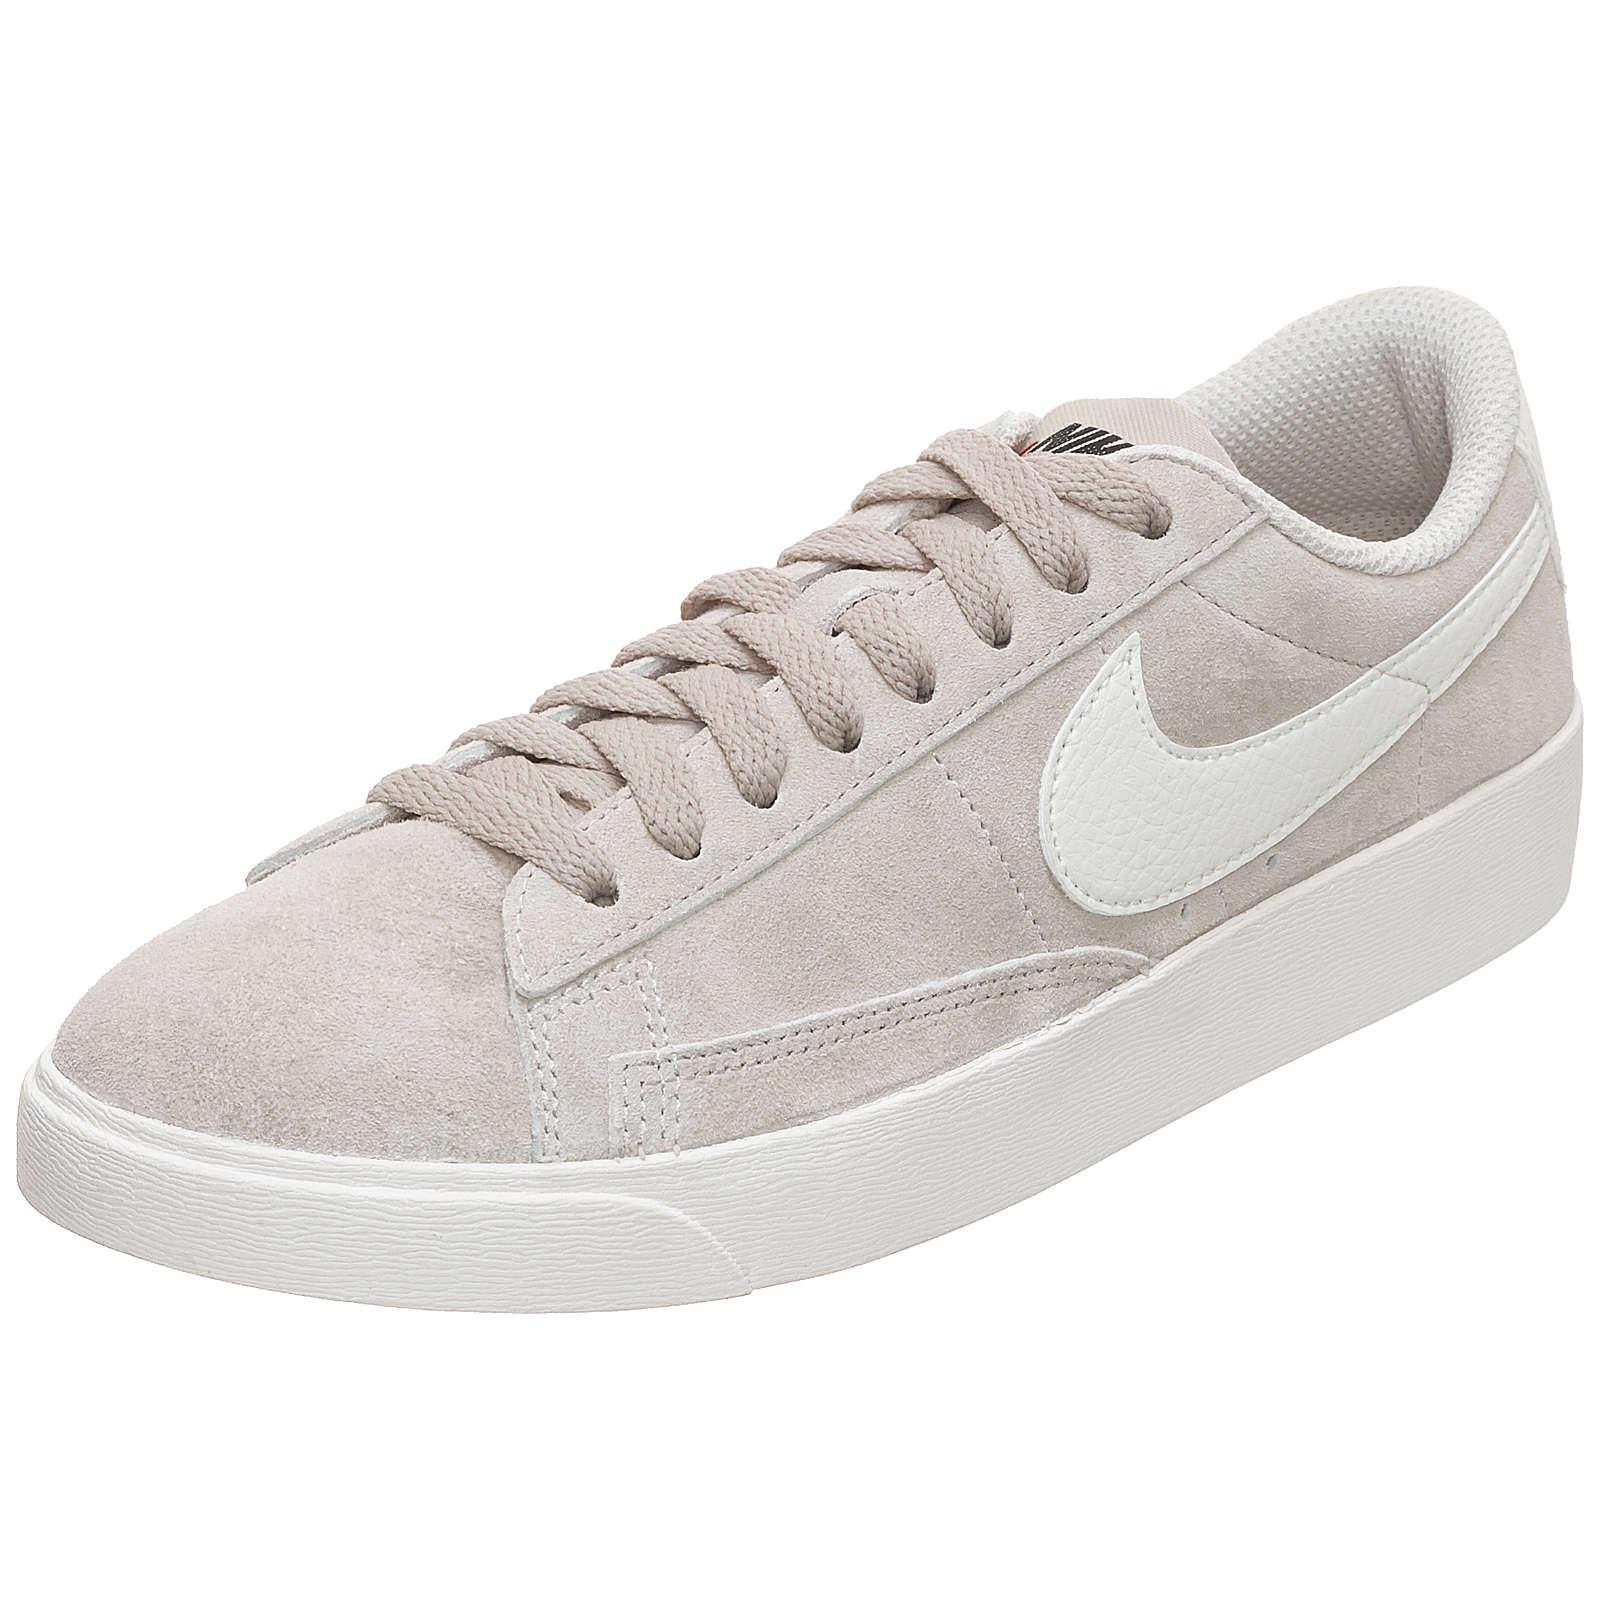 Nike Sportswear Sneakers Low braun Damen Gr. 42